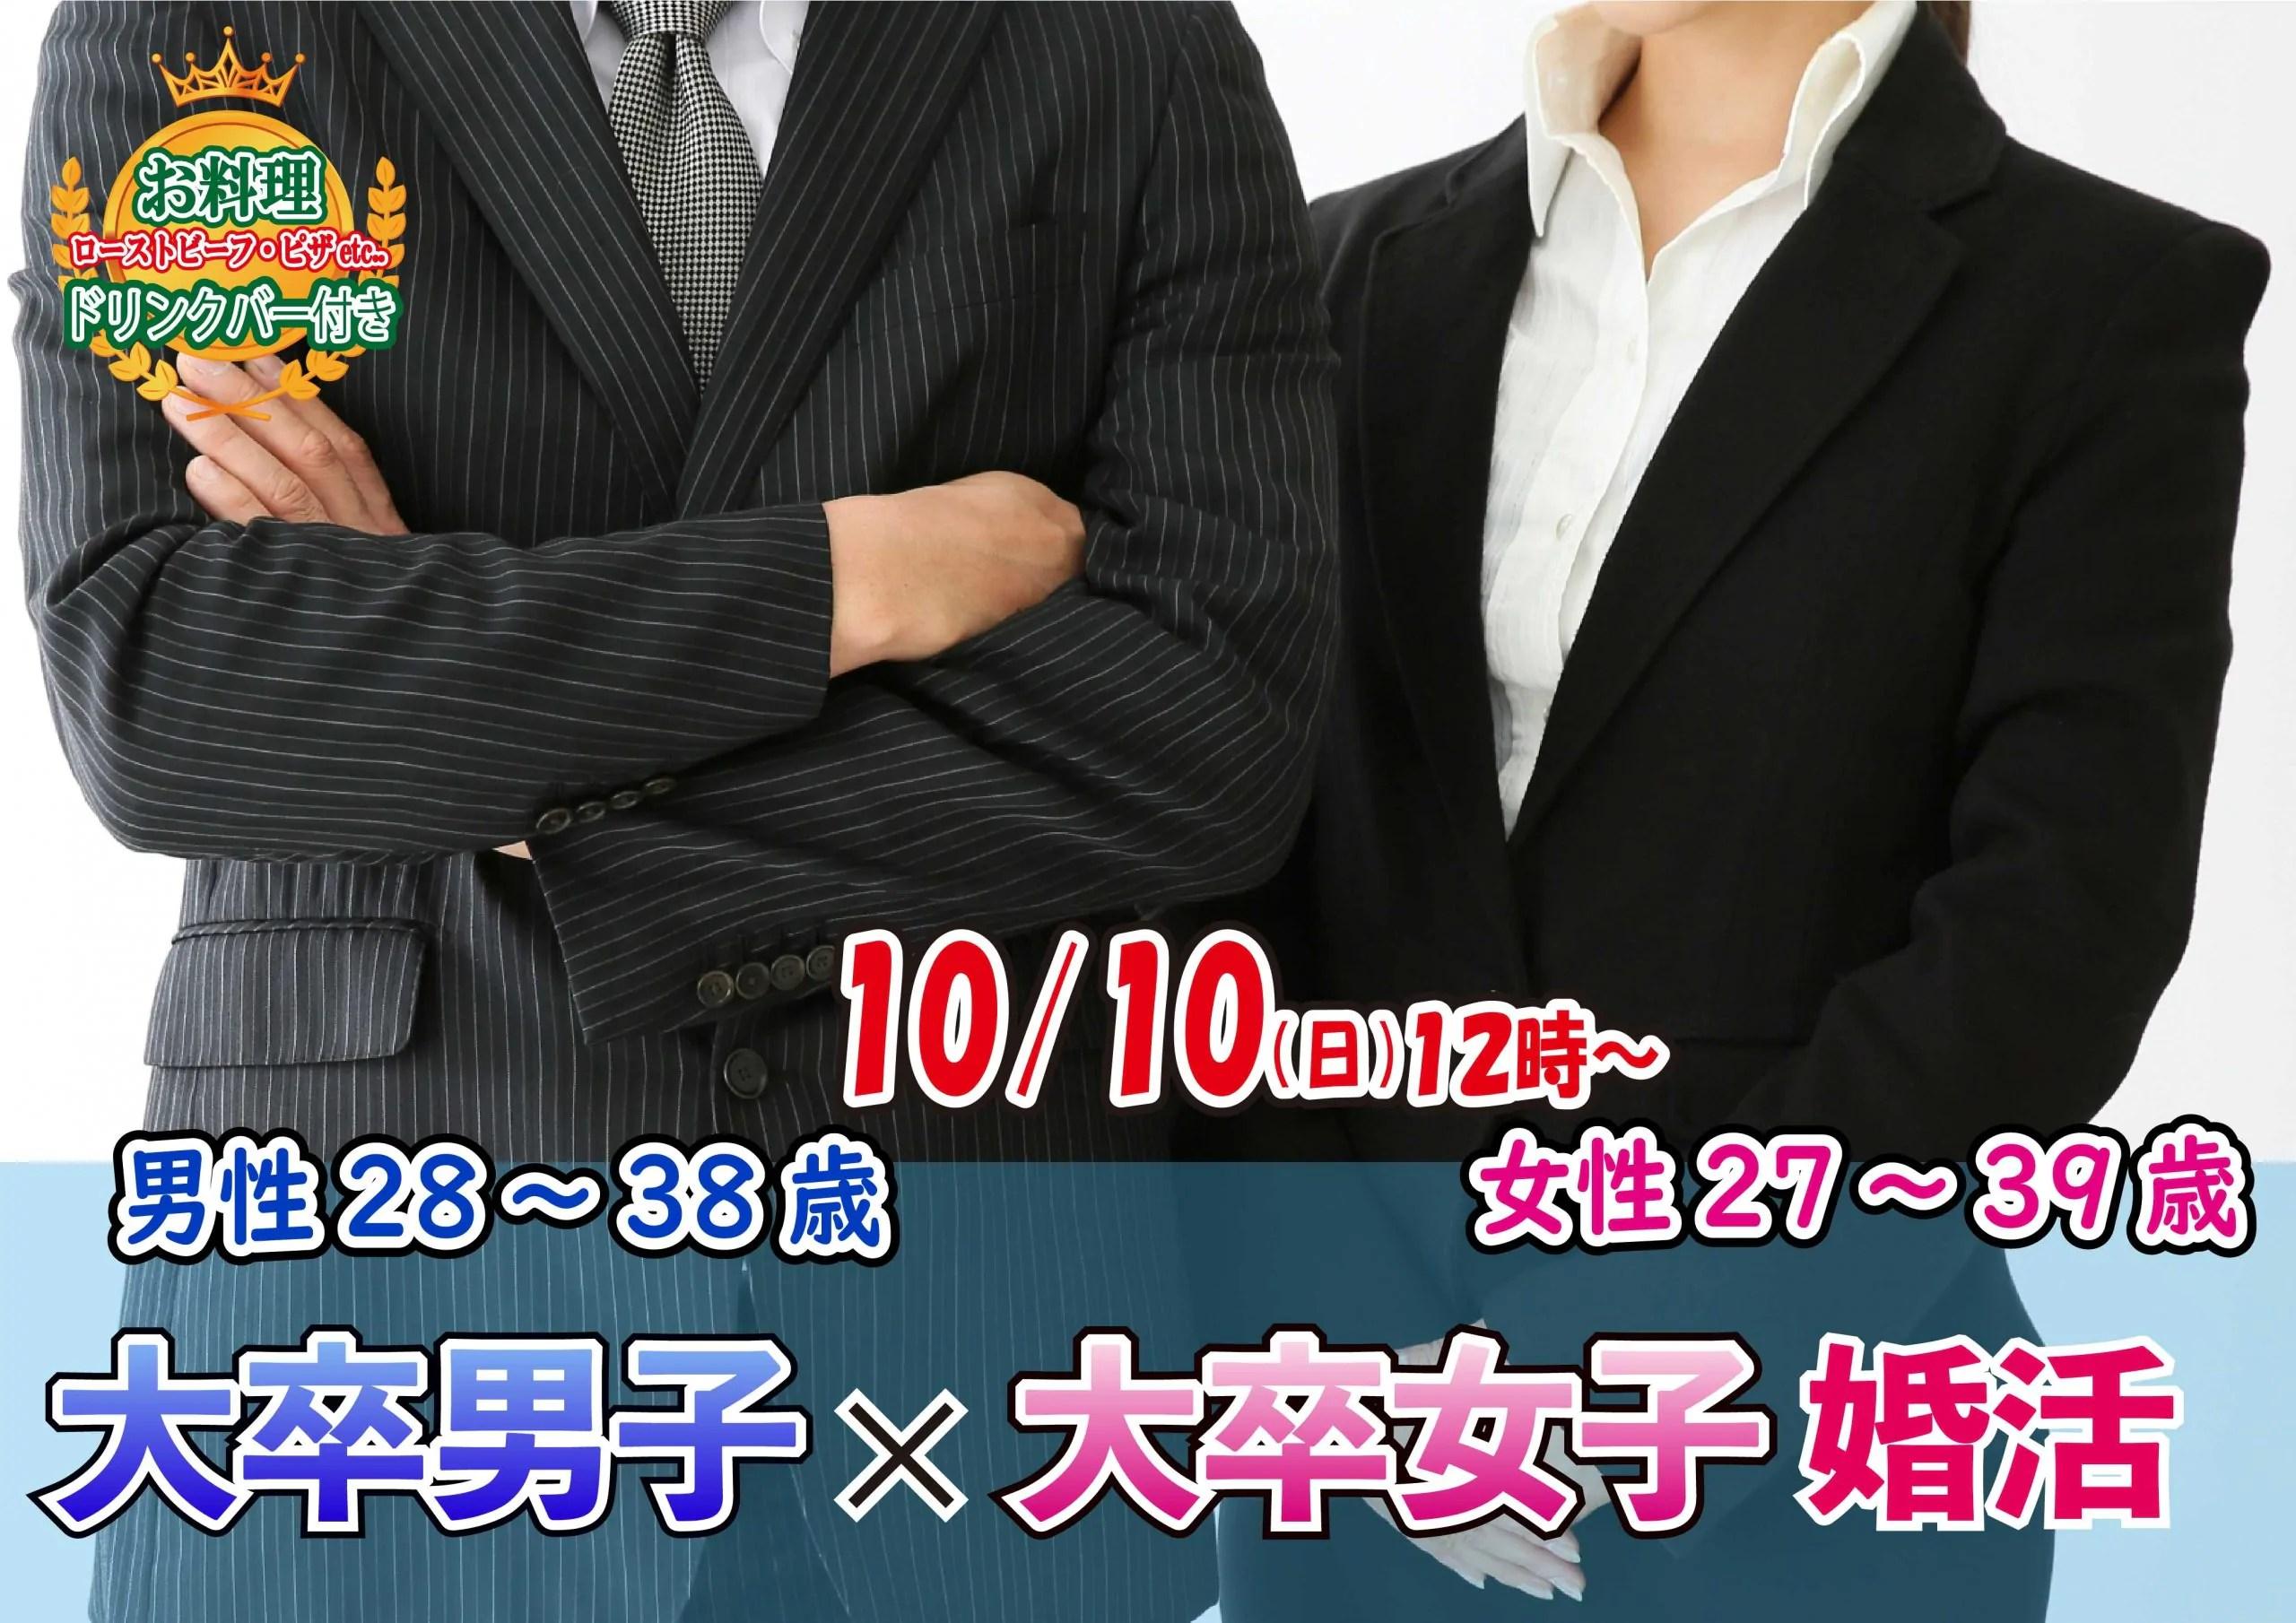 10月10日(日)12時~【男性28~38歳,女性27~39歳】大卒男子×大卒女子婚活